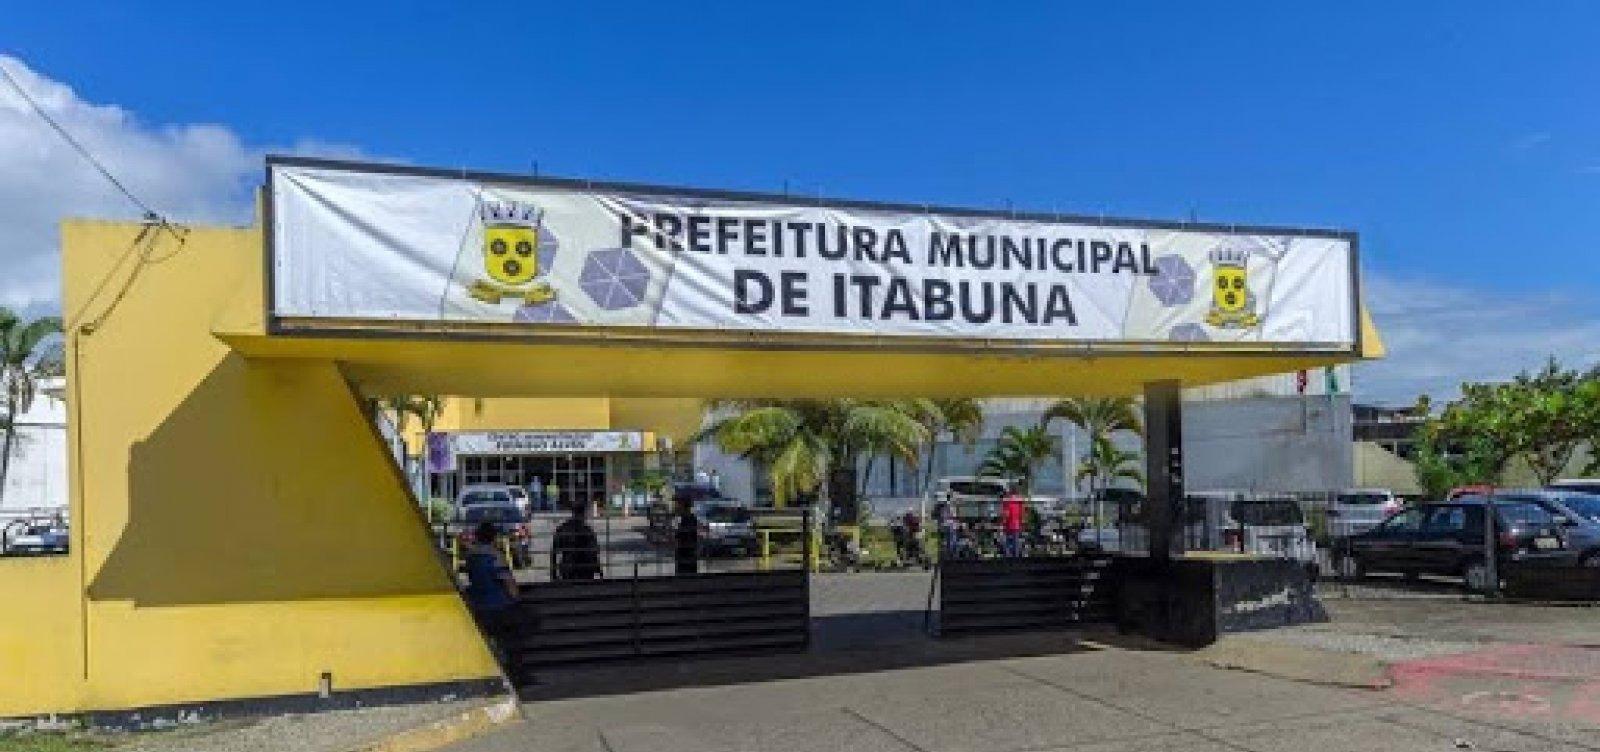 Prefeitura e empresários permanecem sem acordo e Itabuna completa 10 meses sem transporte público